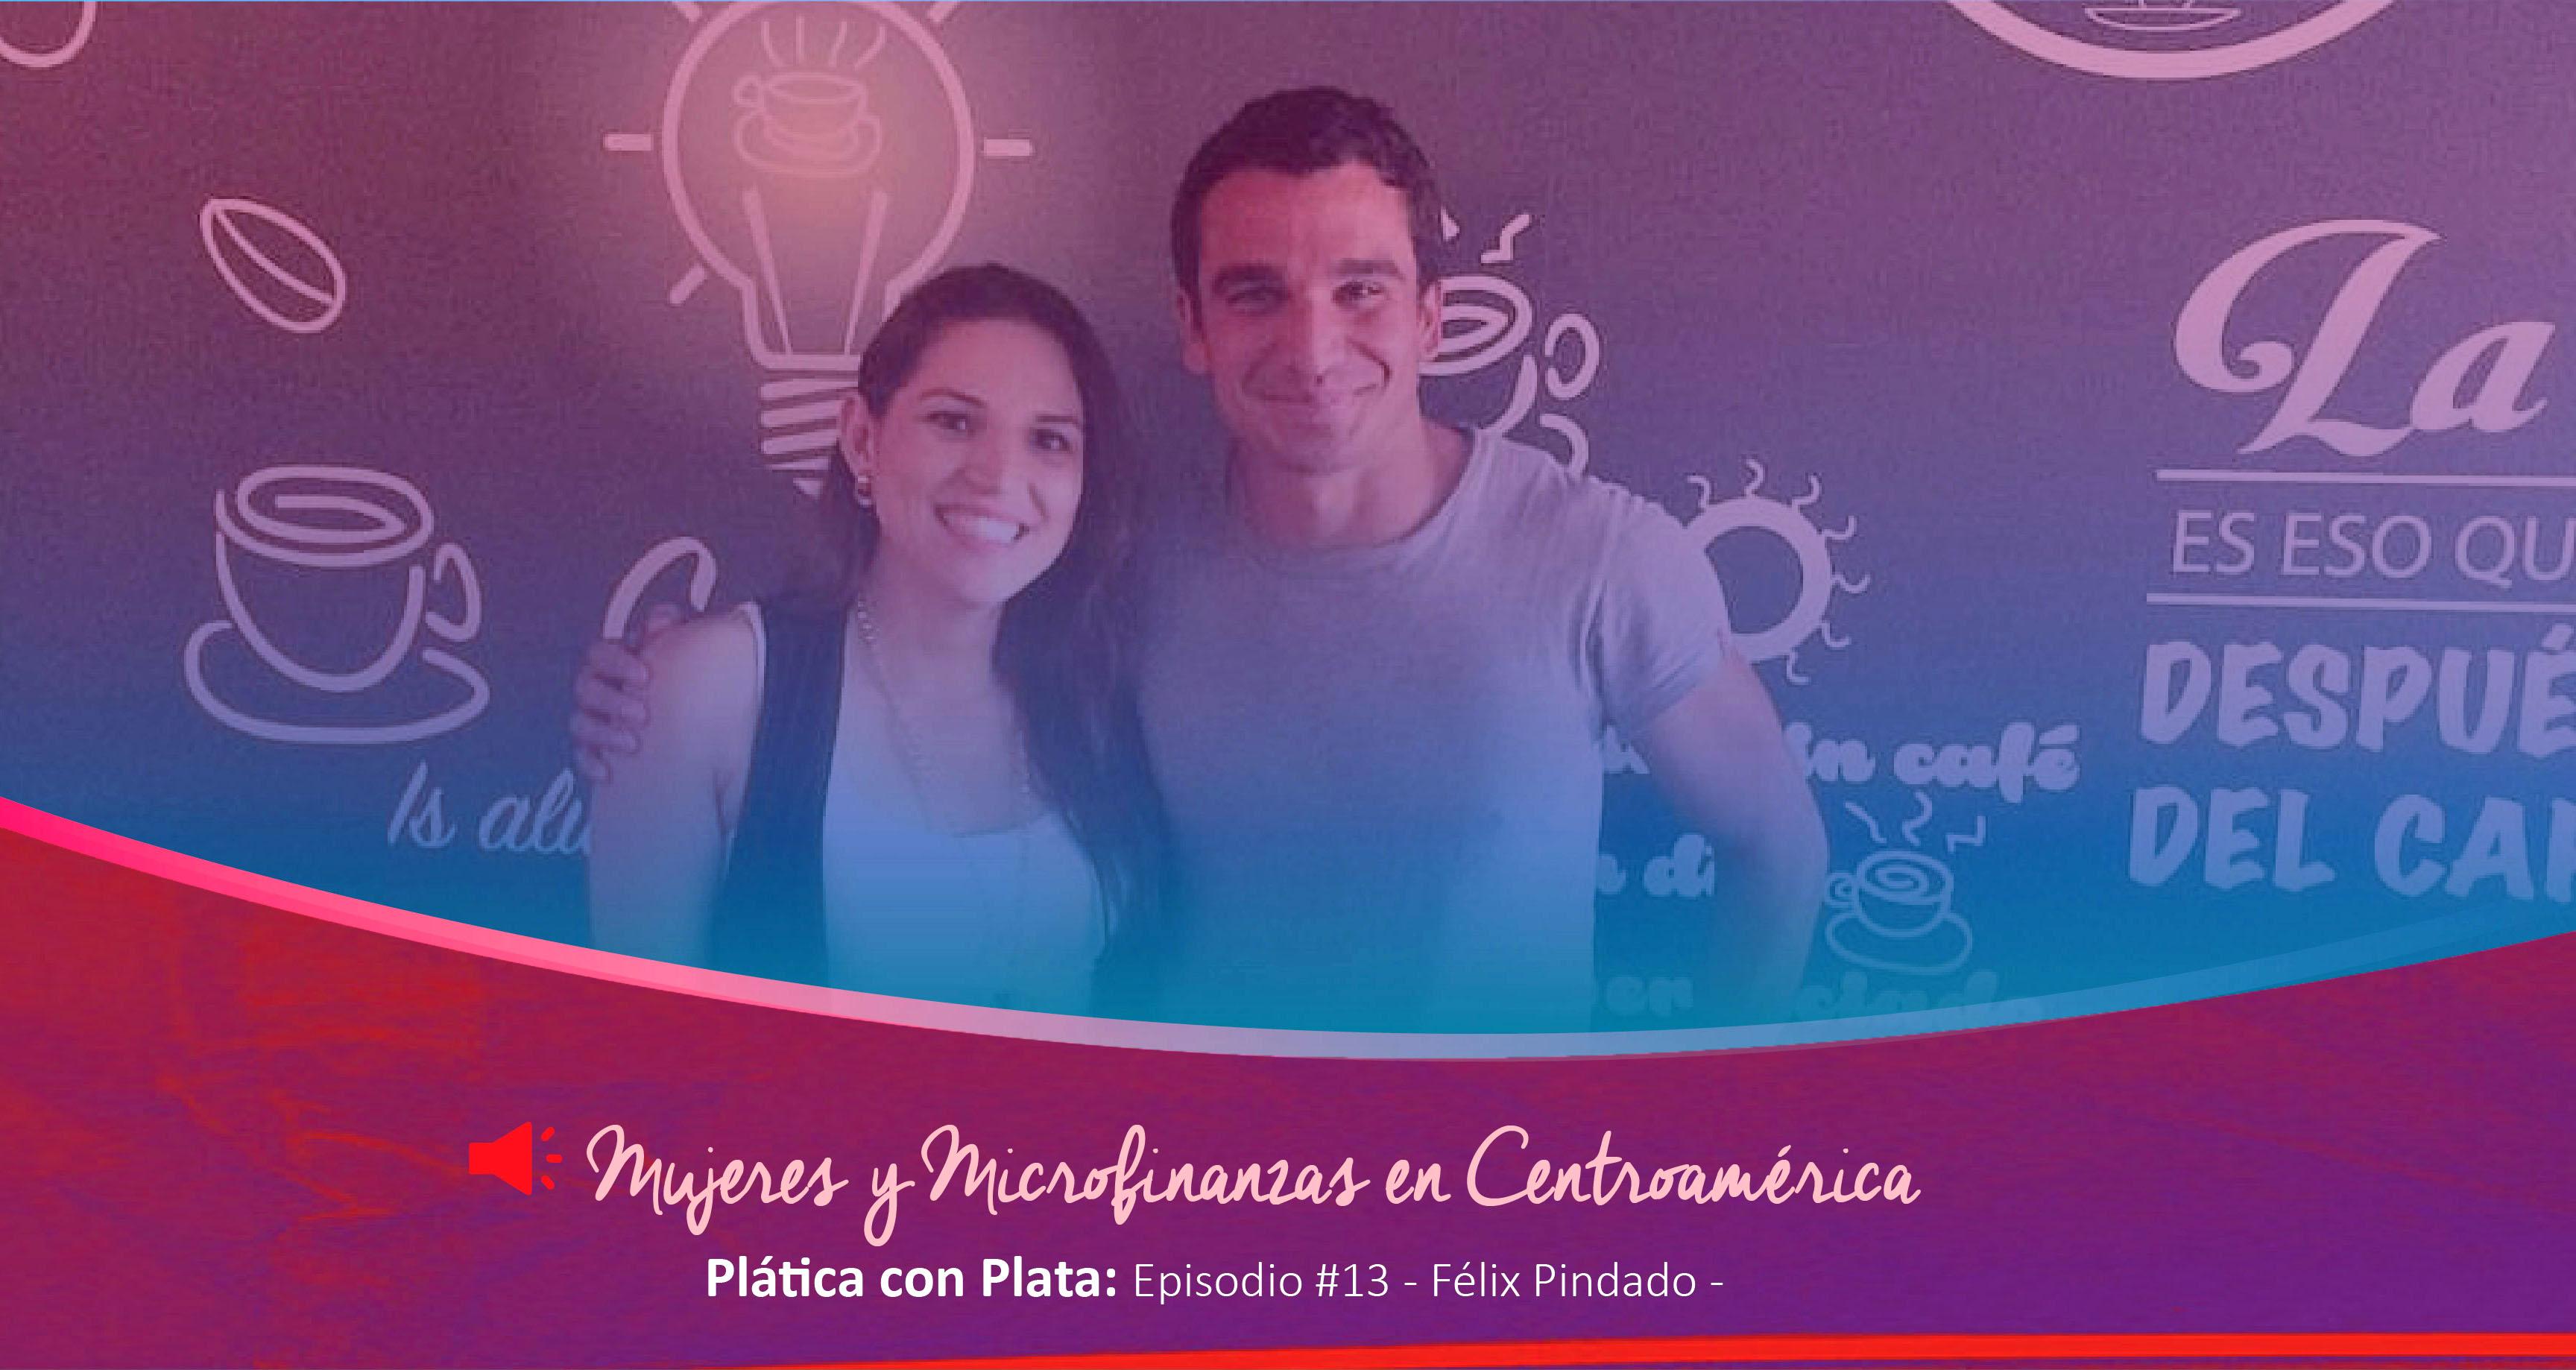 Plática con Plata - Felix Pindado